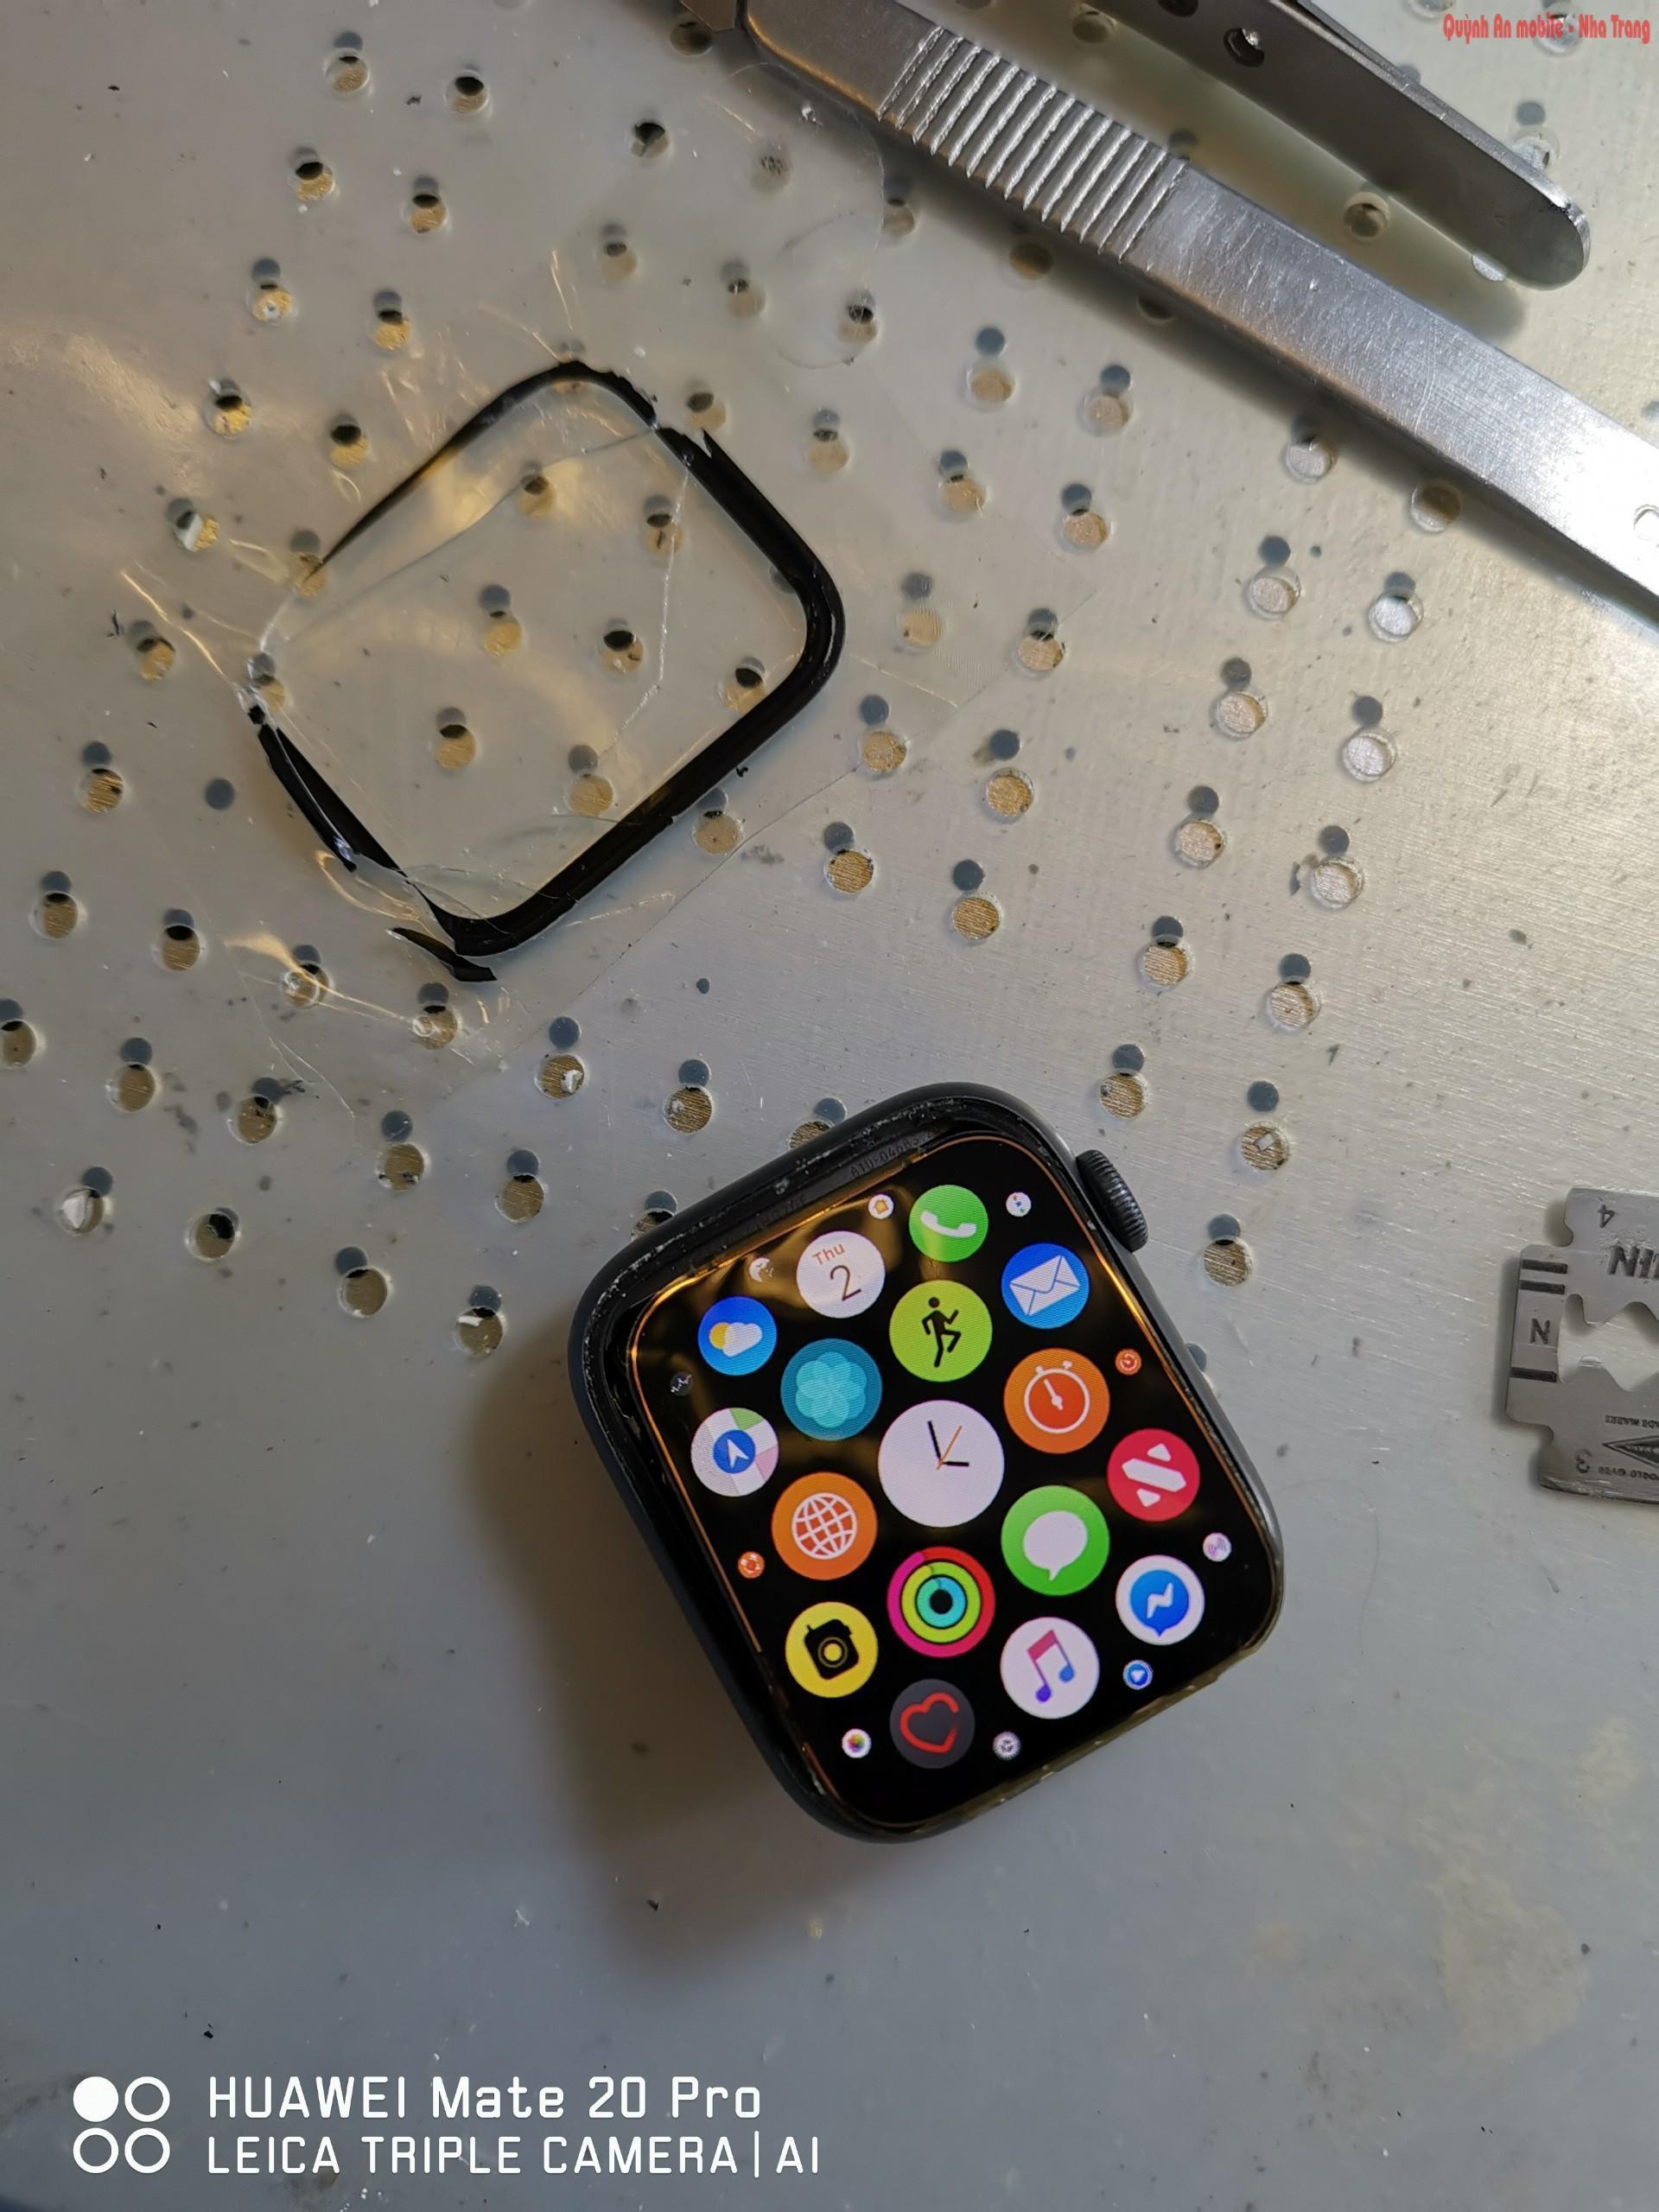 Thay mặt kính, sửa chữa màn hình apple watch seri 4 tại Nha Trang